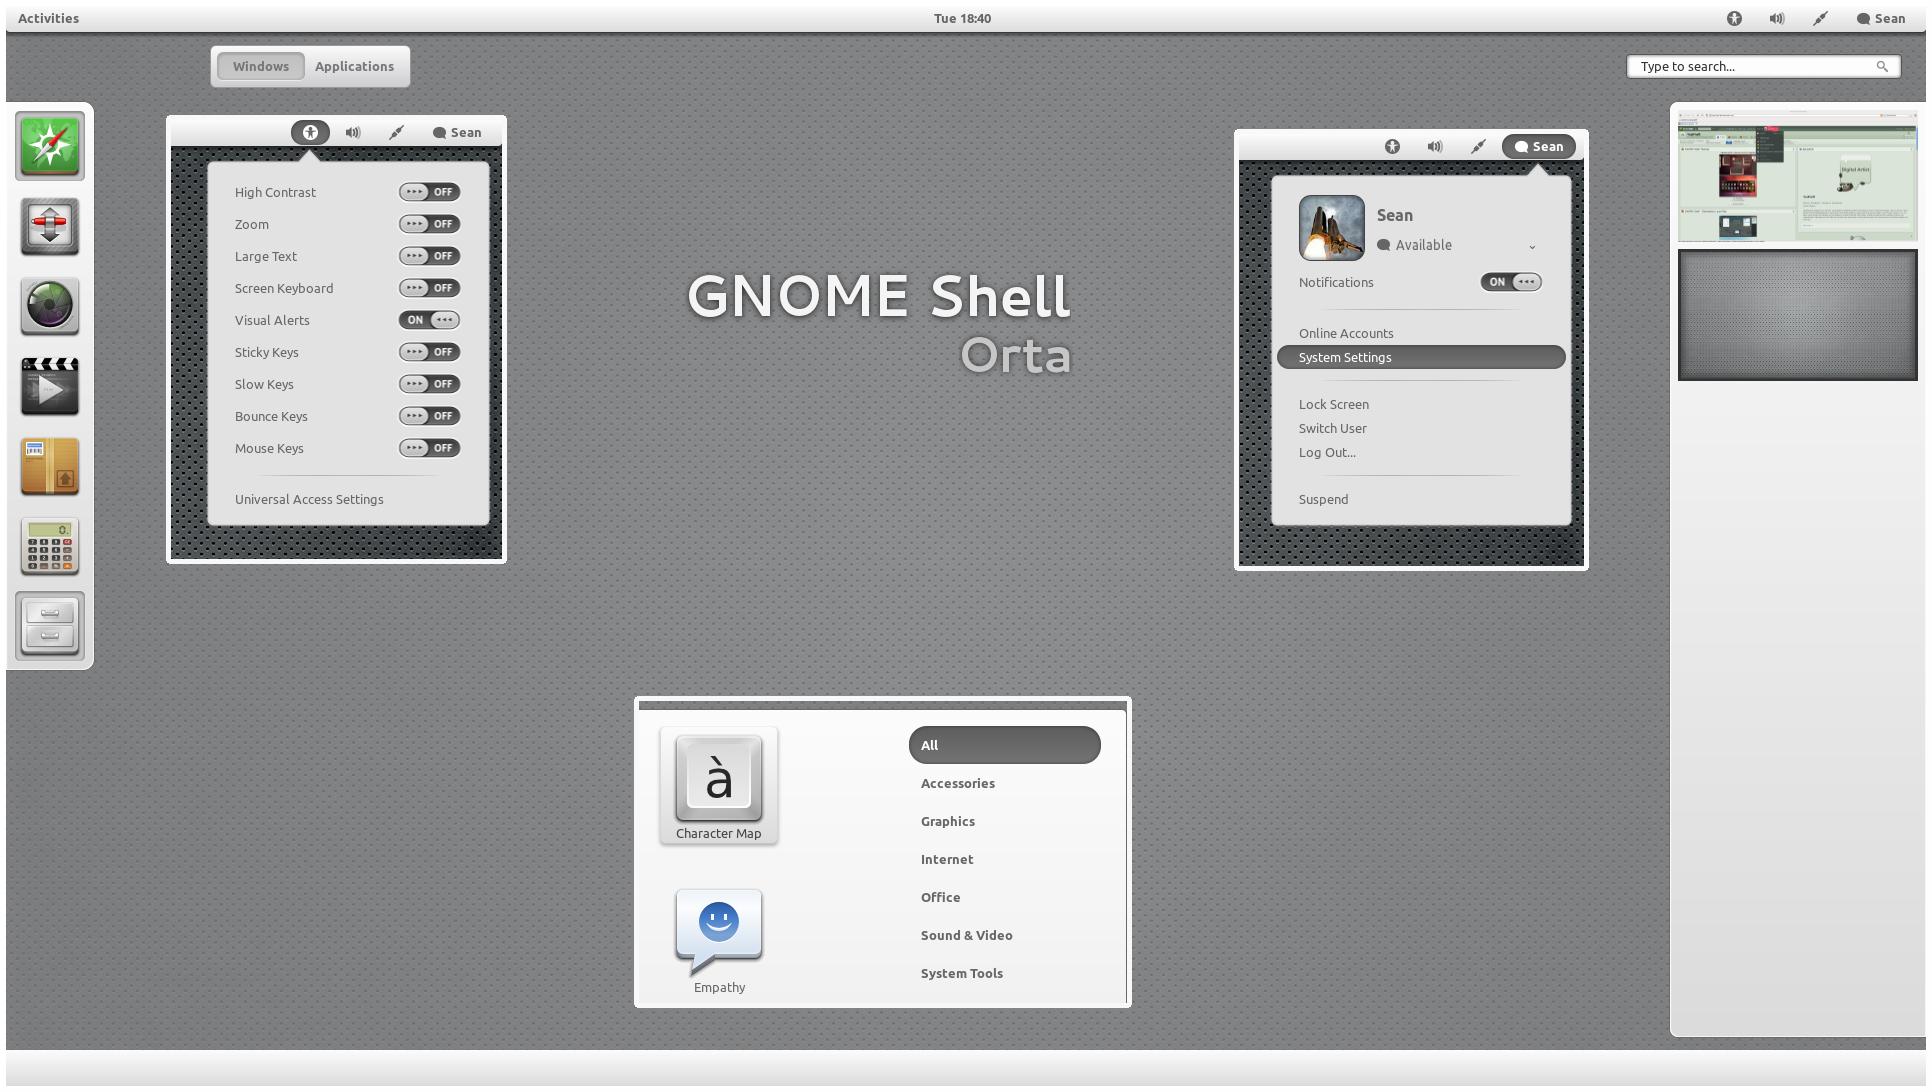 GNOME Shell - Orta